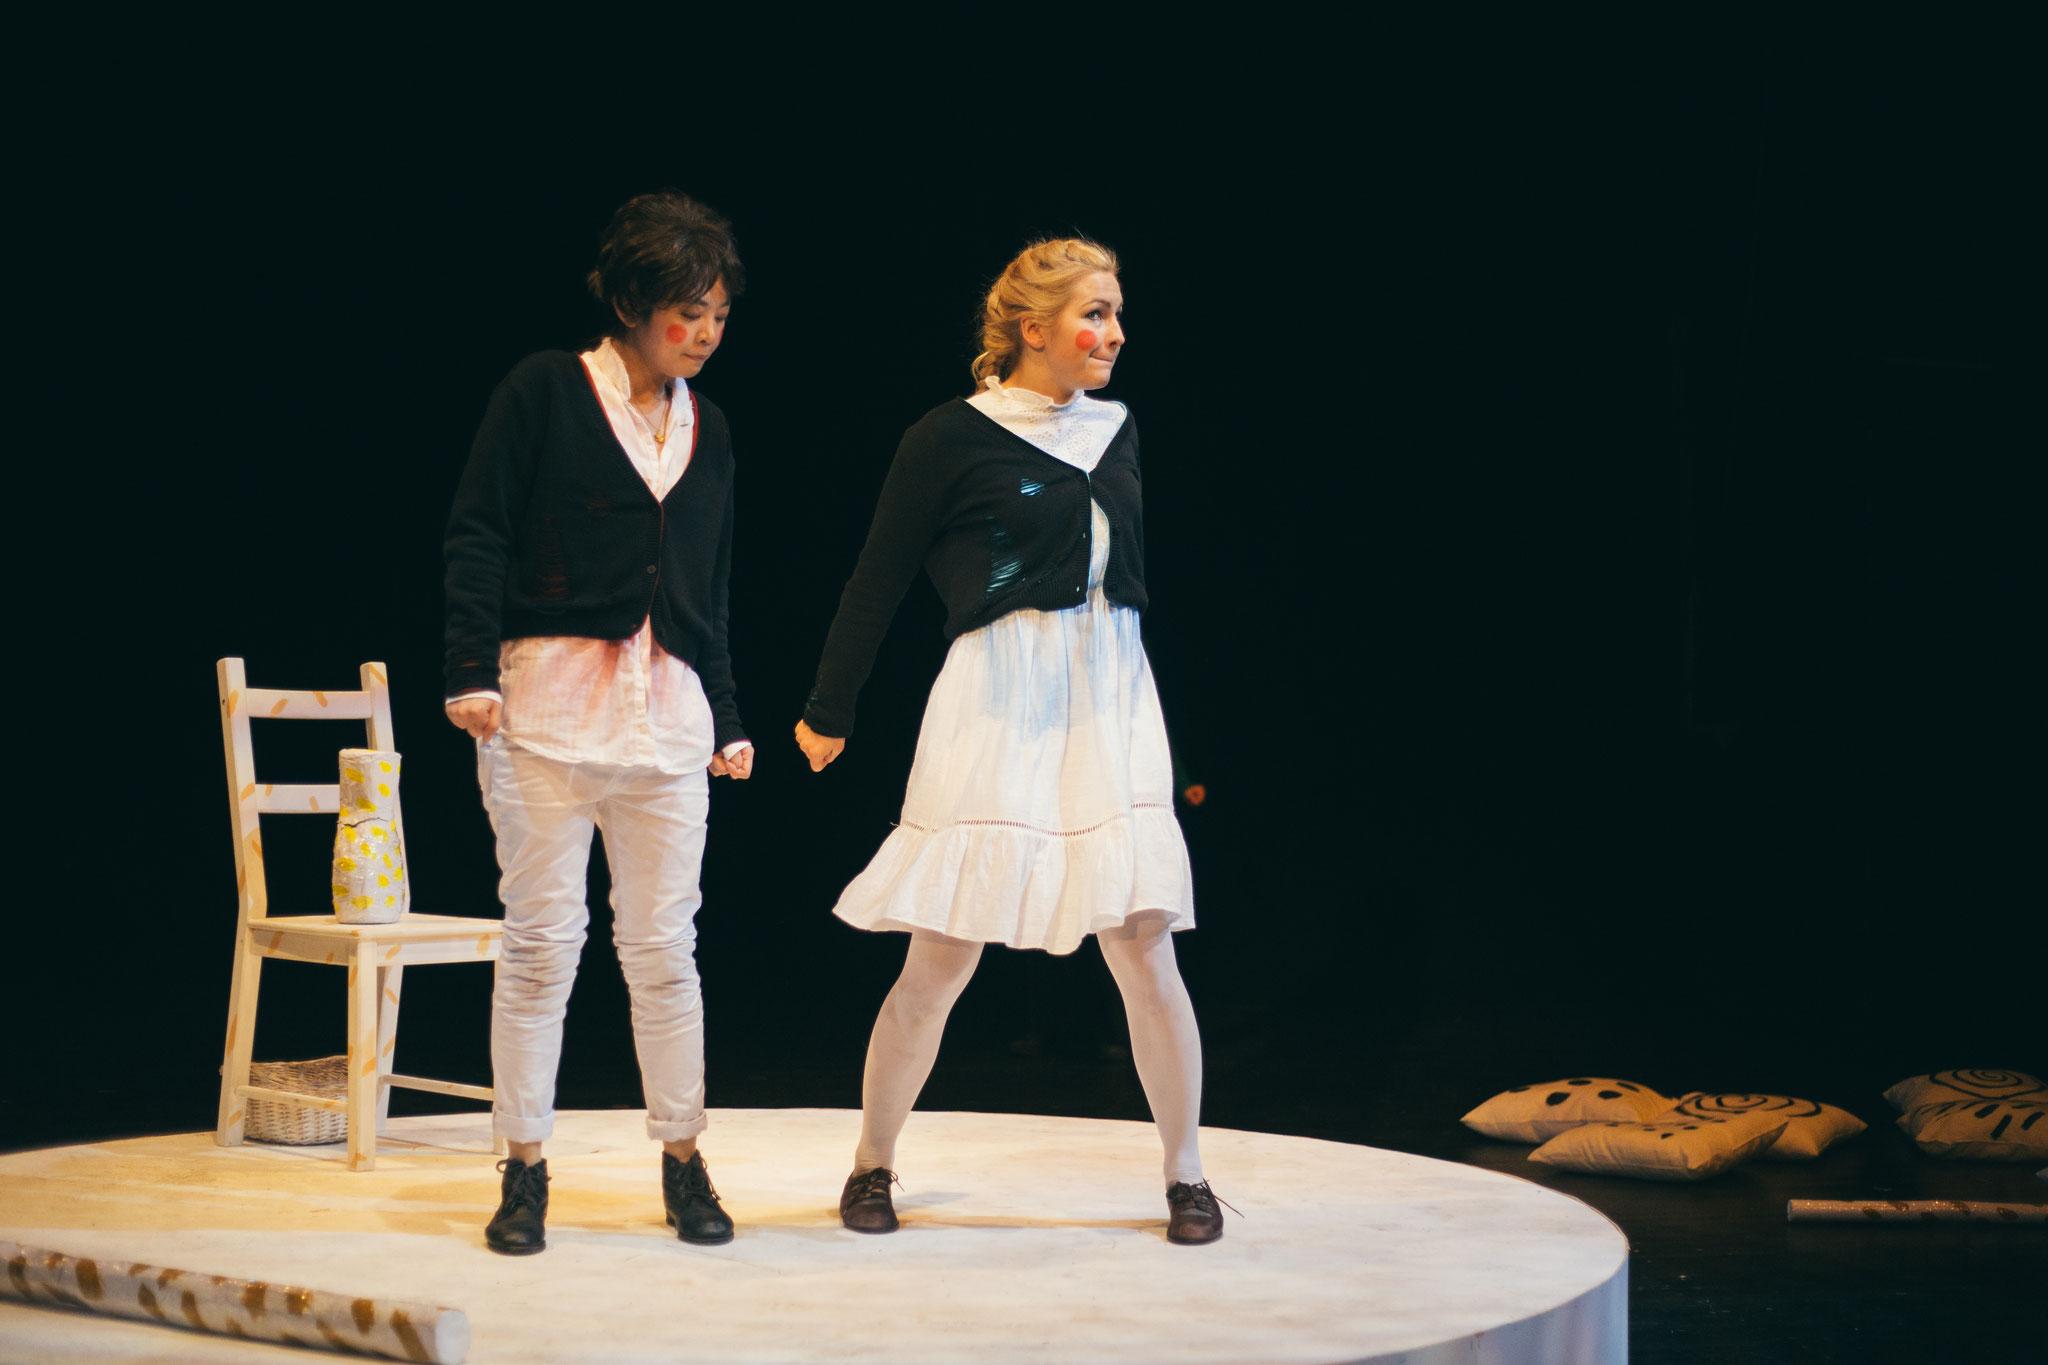 Hänsel und Gretel, Gretel